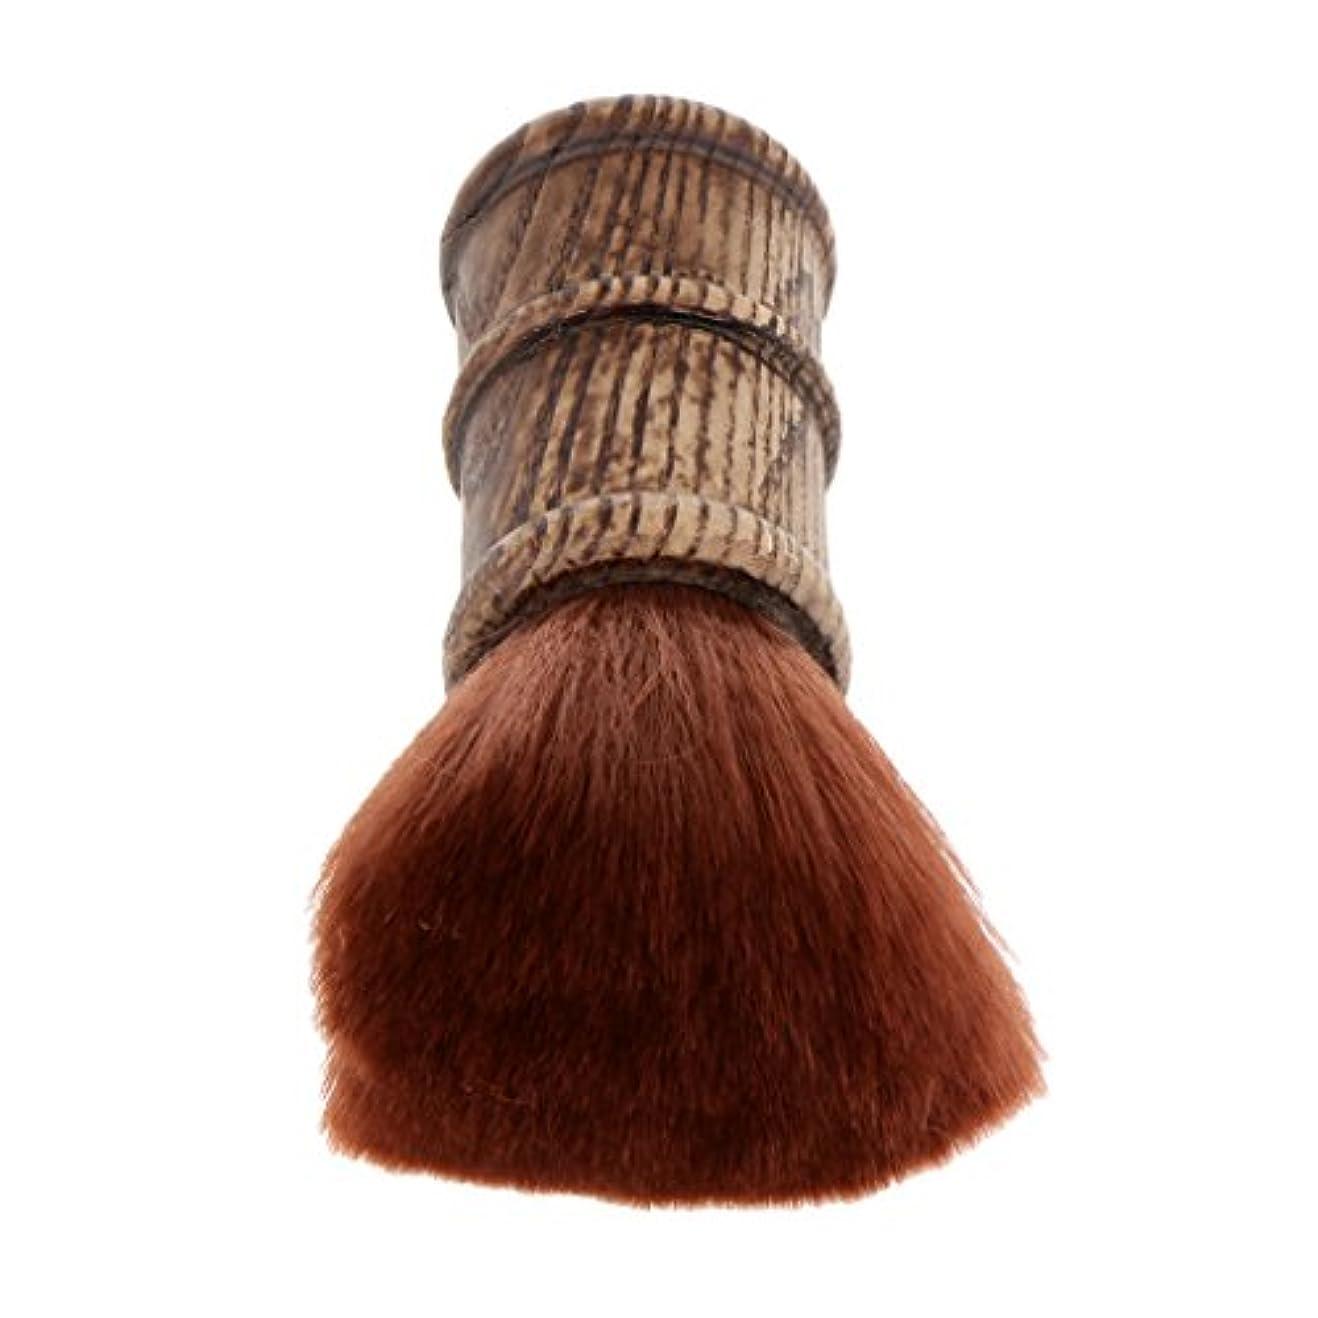 ゴミ箱を空にする凝視下向きBlesiya ネックダスターブラシ ヘアカットブラシ ブラシ プロ サロン 柔らかい 自宅用 ヘアスタイリスト ヘアカット 散髪 理髪師 2色選べる - 褐色